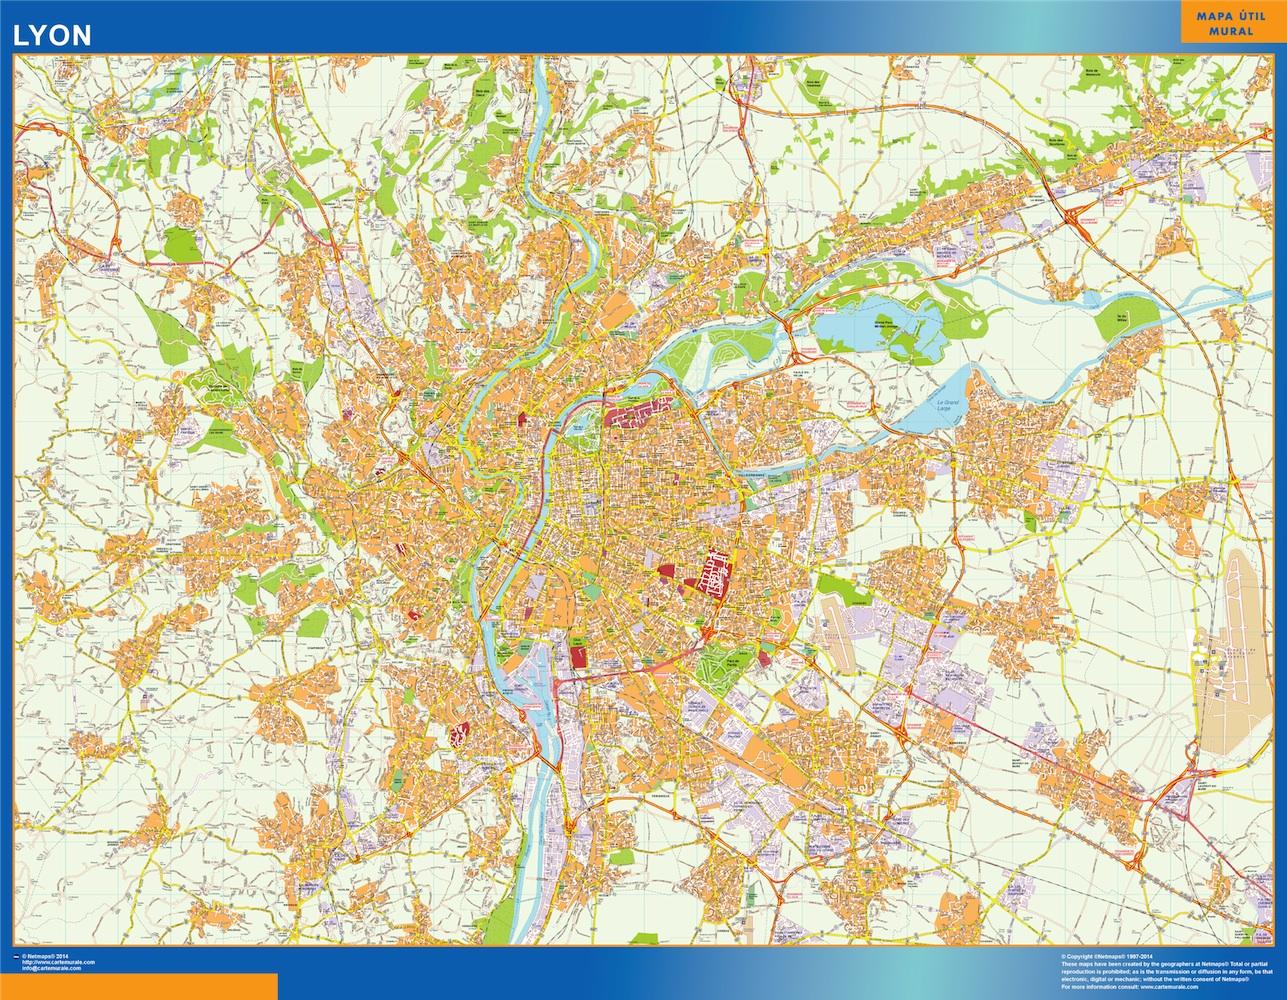 Mapa Lyon en Francia plastificado gigante